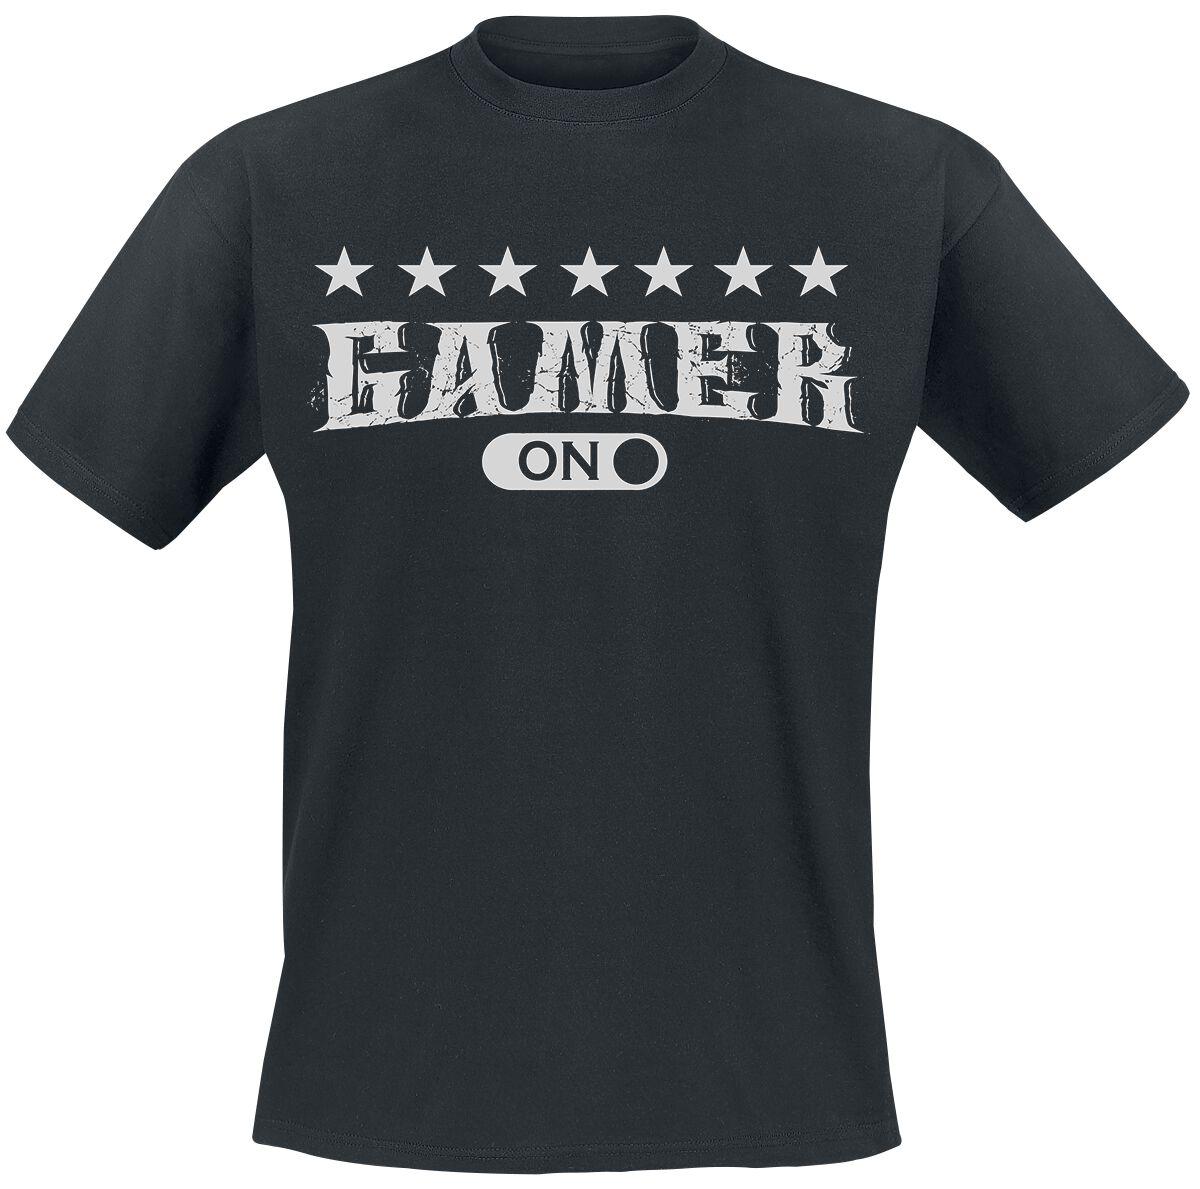 Gamer ON Gamer ON T-Shirt schwarz POD - Gamer ON - Gildan